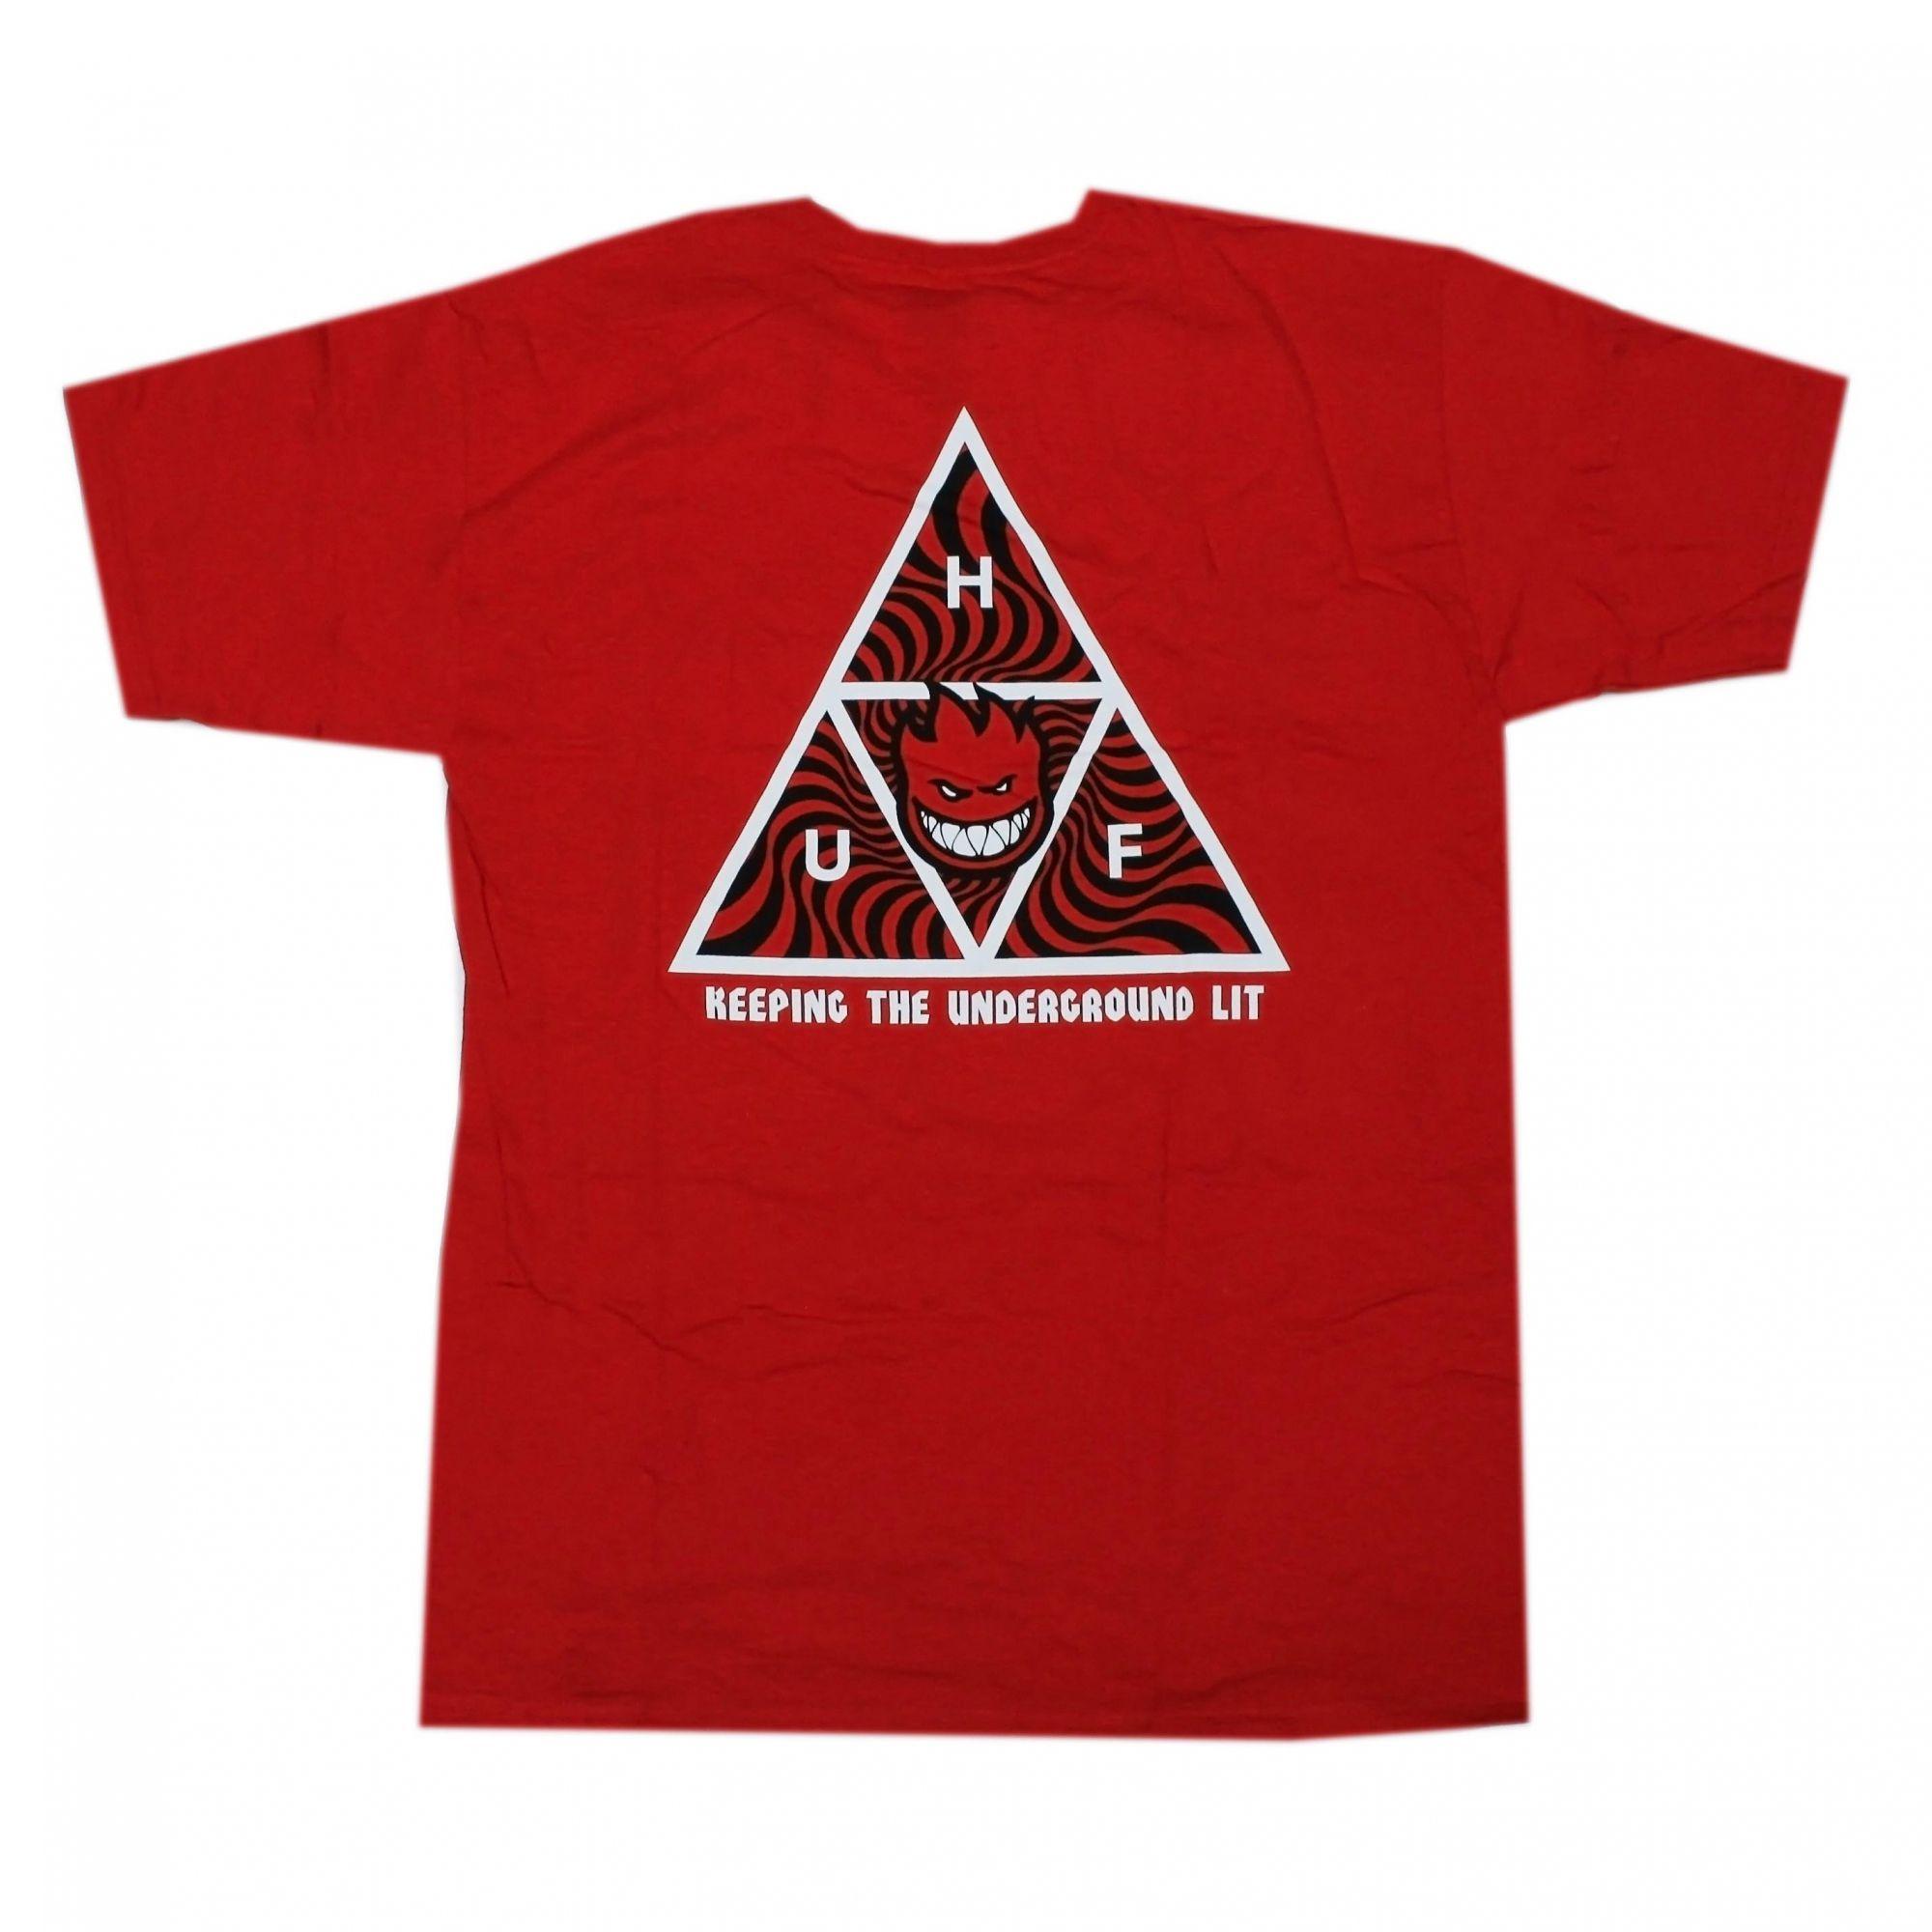 Camiseta HUF x Spitfire TT - Vermelho (Importado)